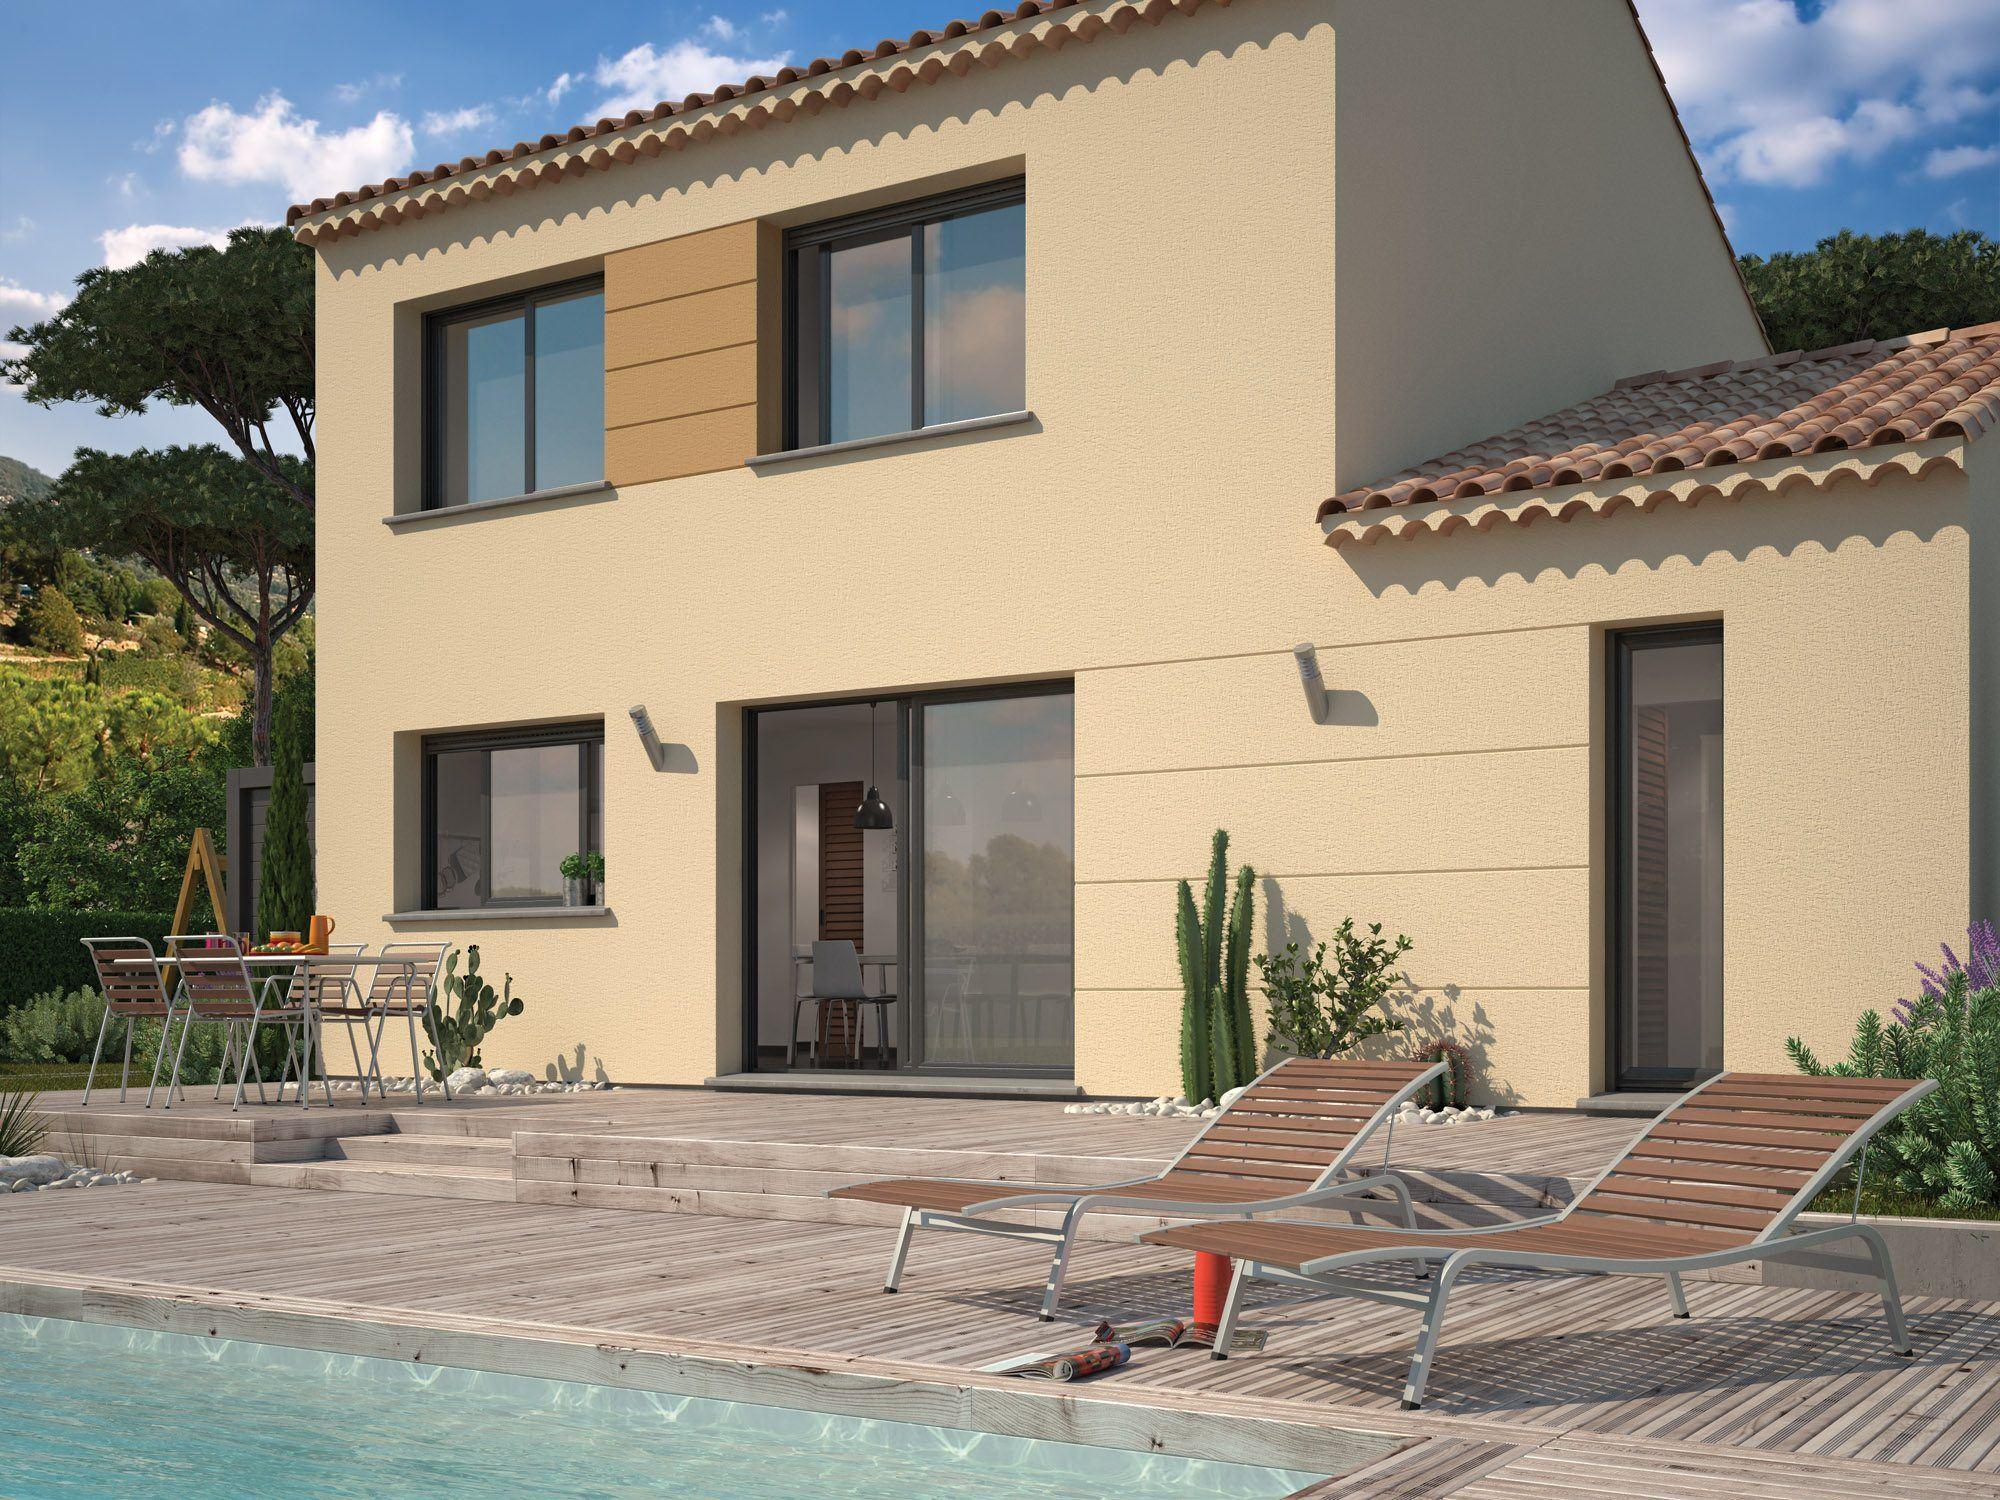 Maisons + Terrains du constructeur Maison Familiale Toulouse • 102 m² • LAPEYROUSE FOSSAT